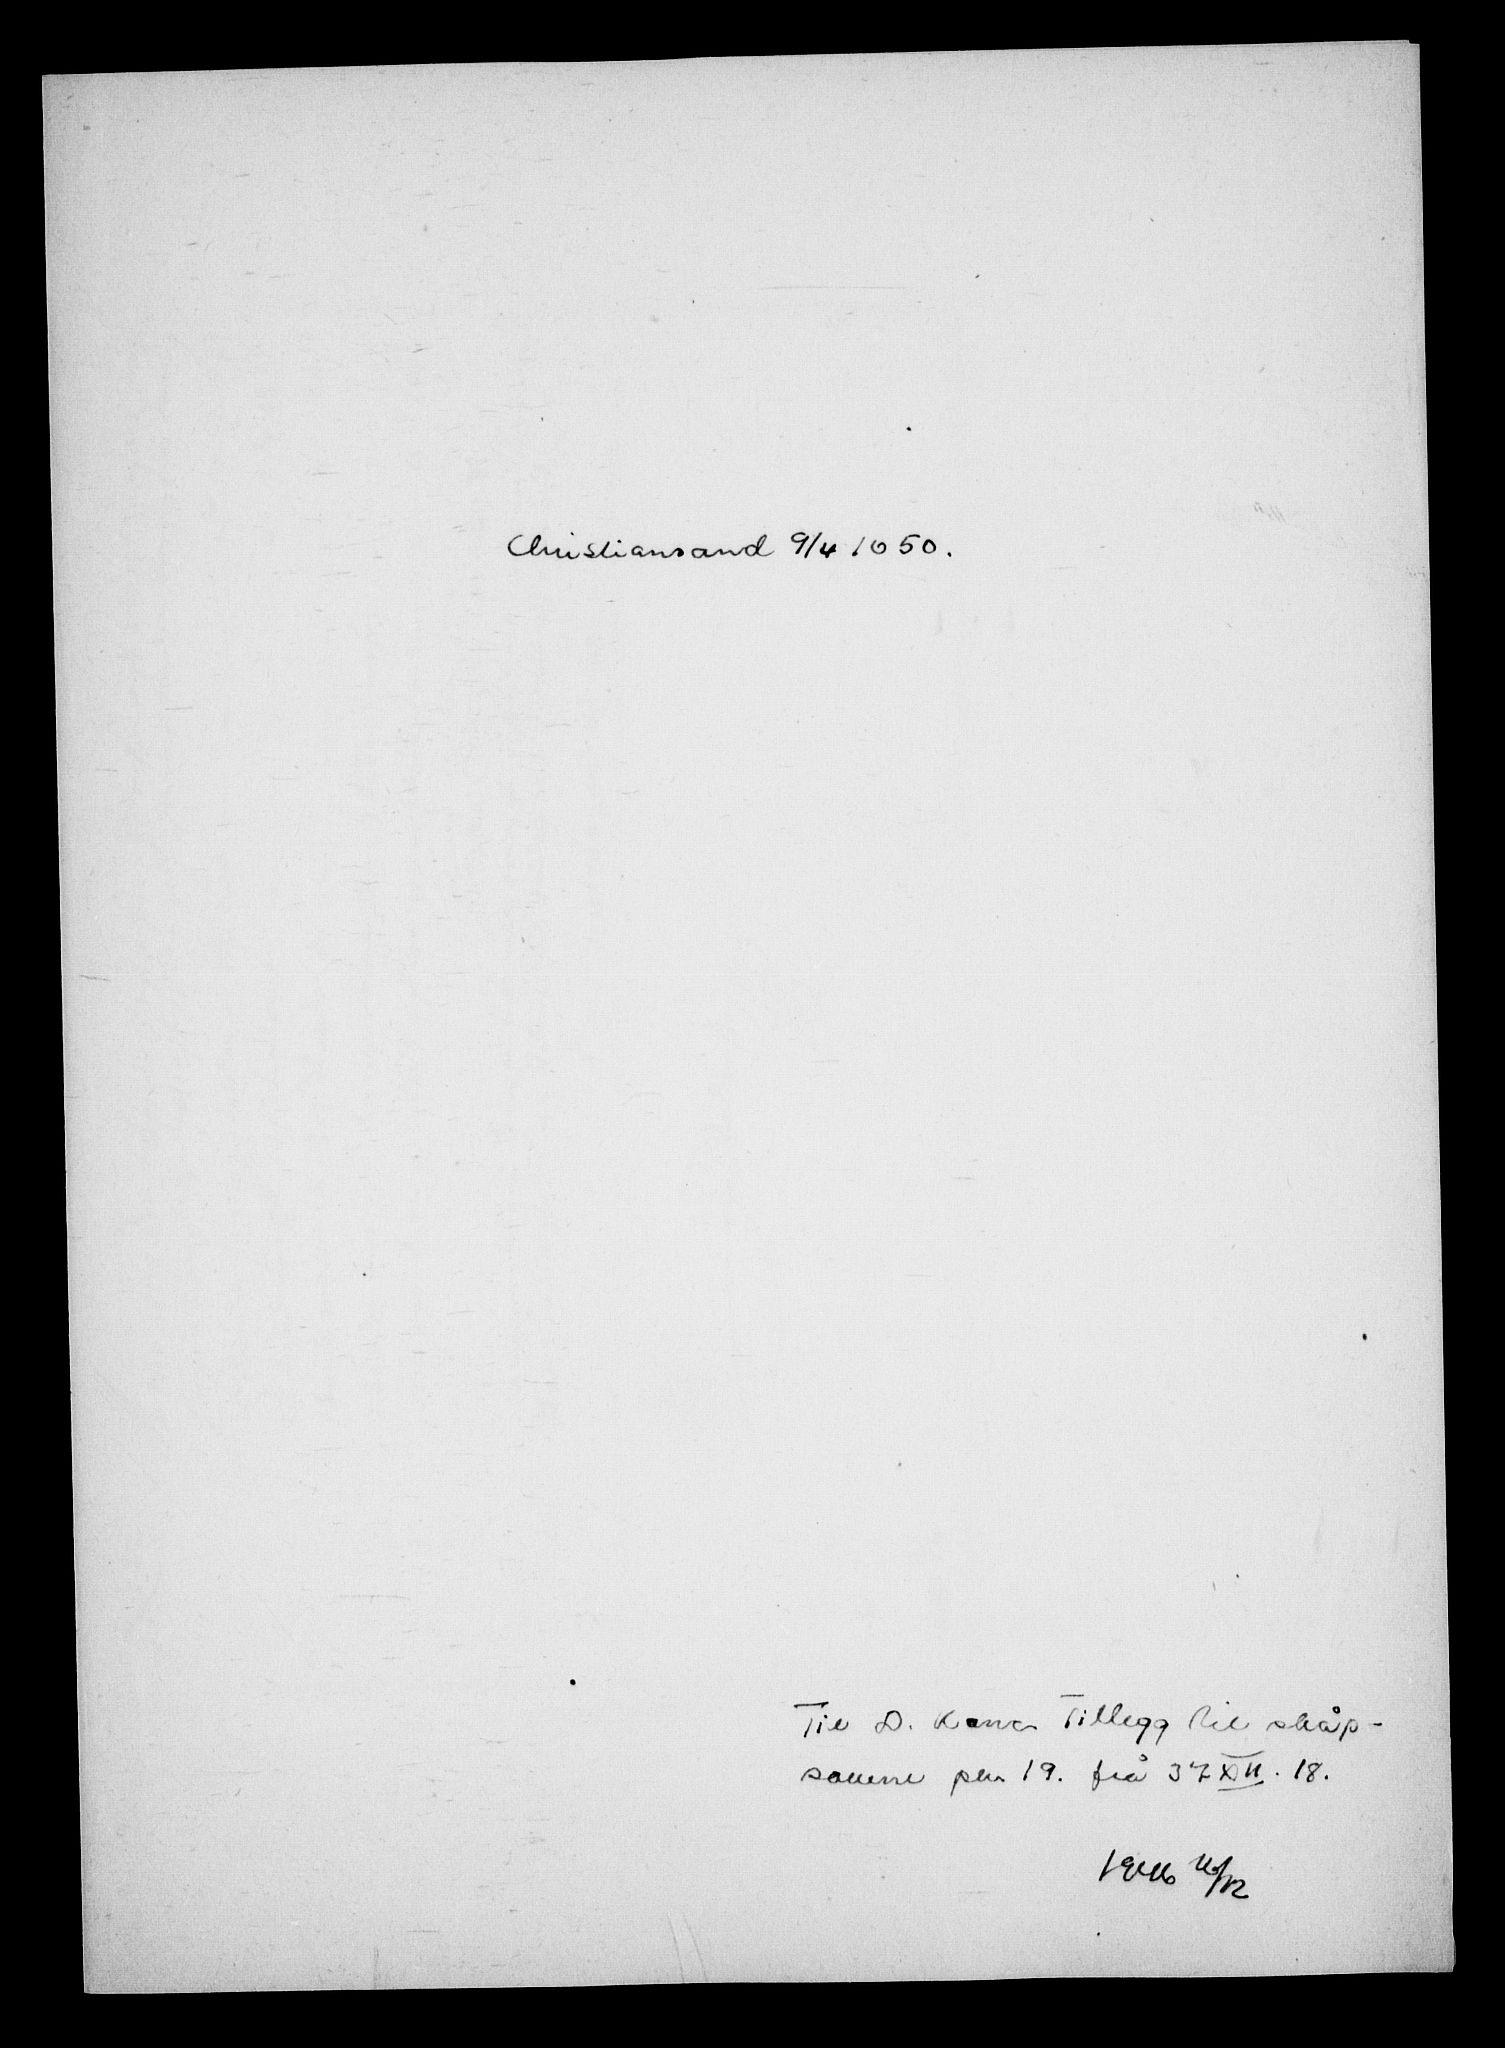 RA, Danske Kanselli, Skapsaker, G/L0019: Tillegg til skapsakene, 1616-1753, p. 138